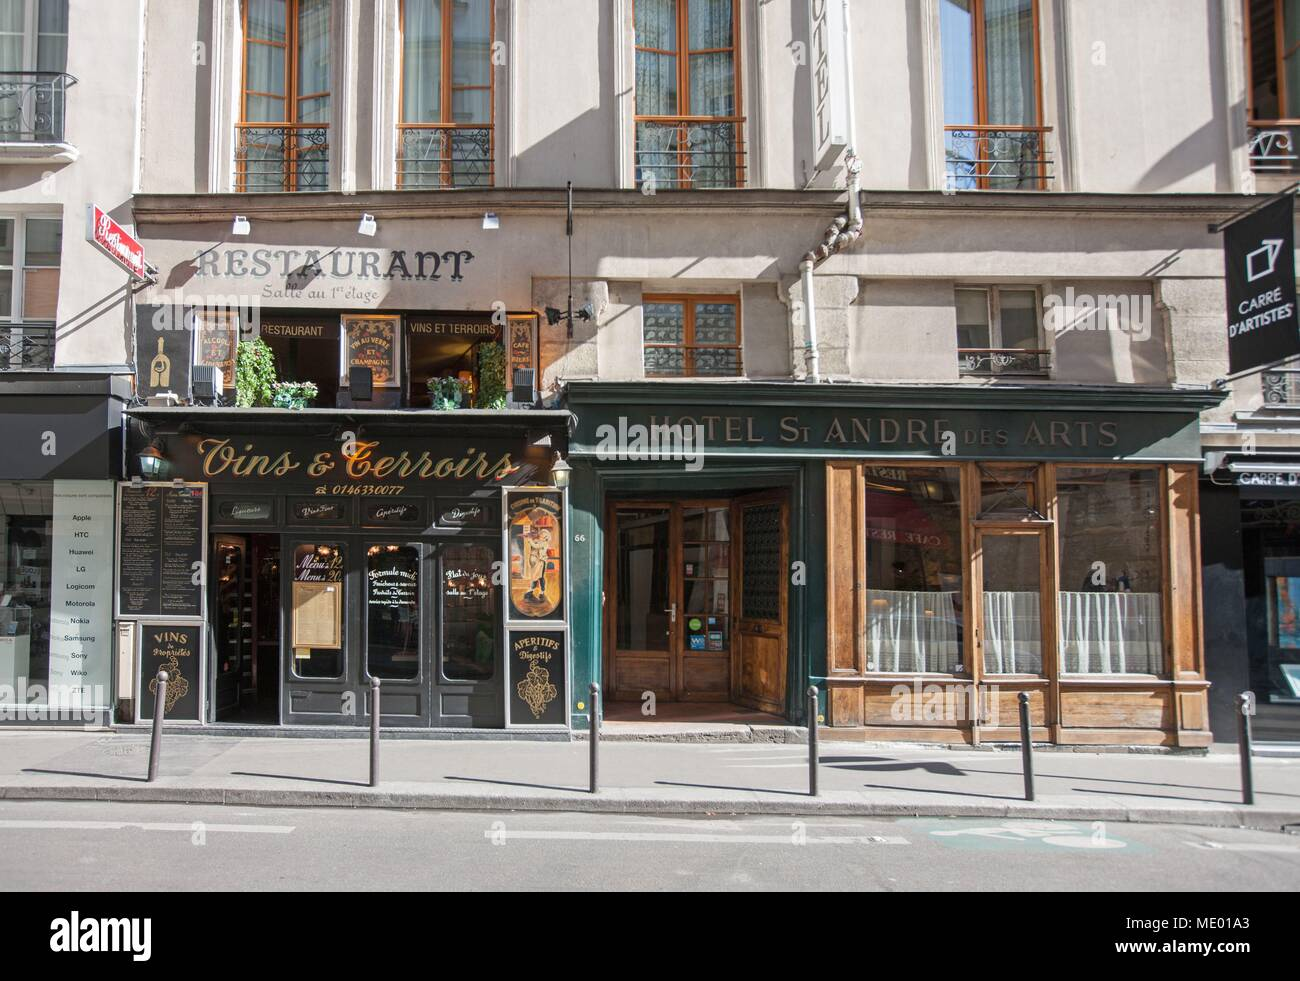 France, Ile de France region, 6th arrondissement, rue saint andre des arts, restaurant et hotel , - Stock Image